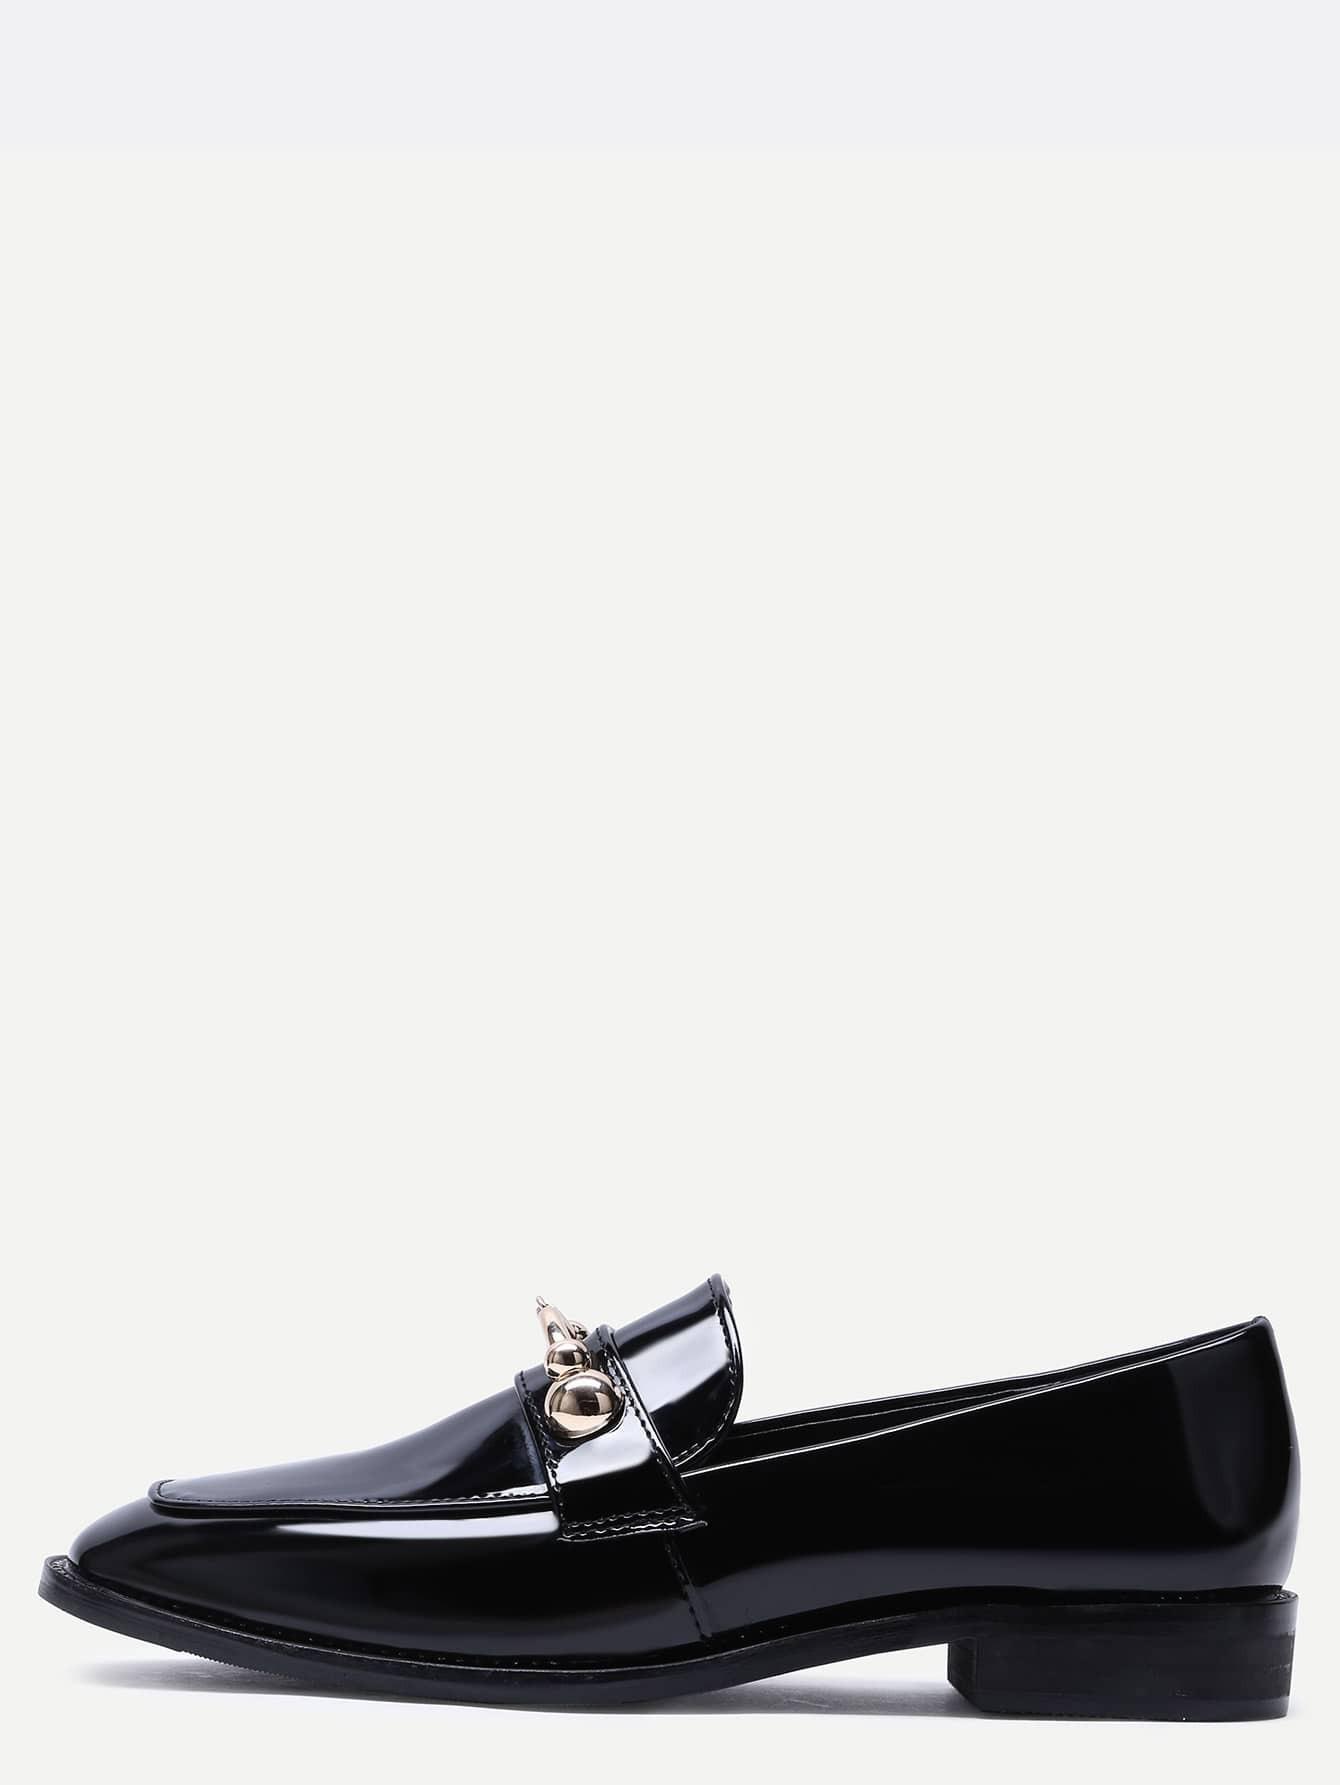 shoes161207803_2